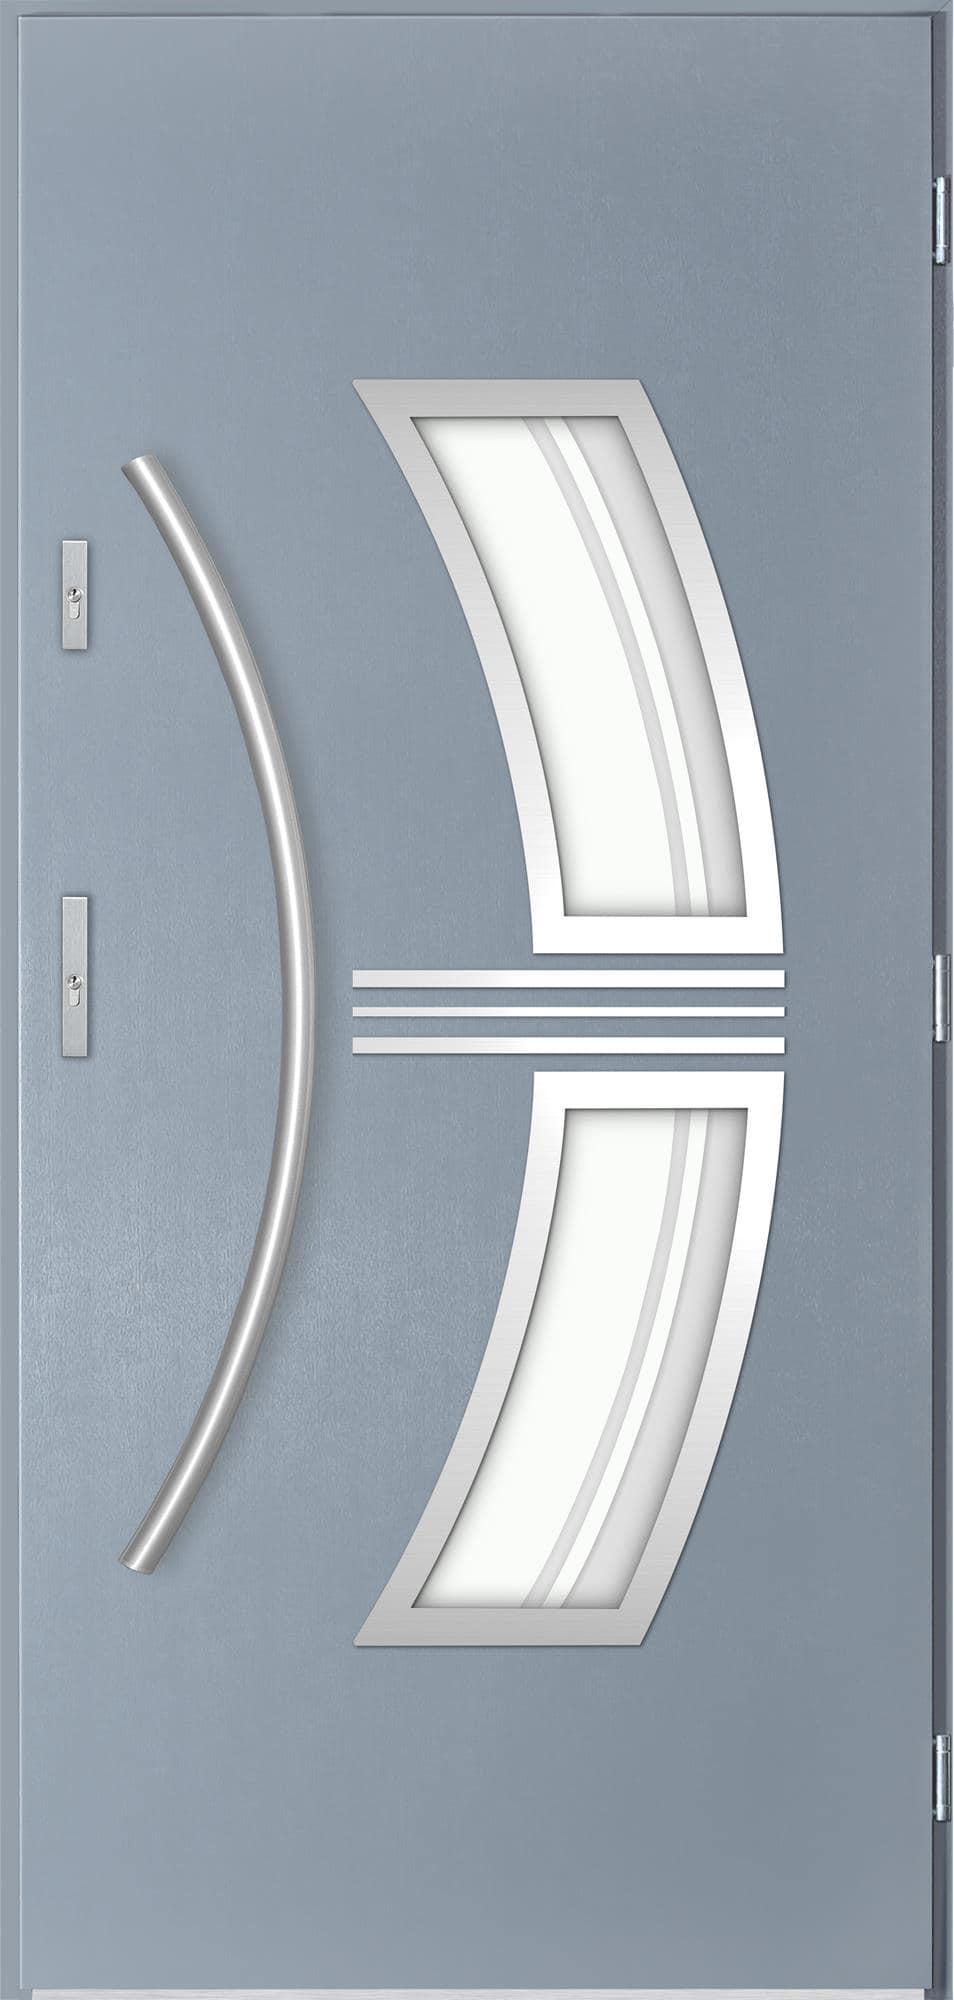 Venkovní vchodové dveøe Stella, svìtlý antracit